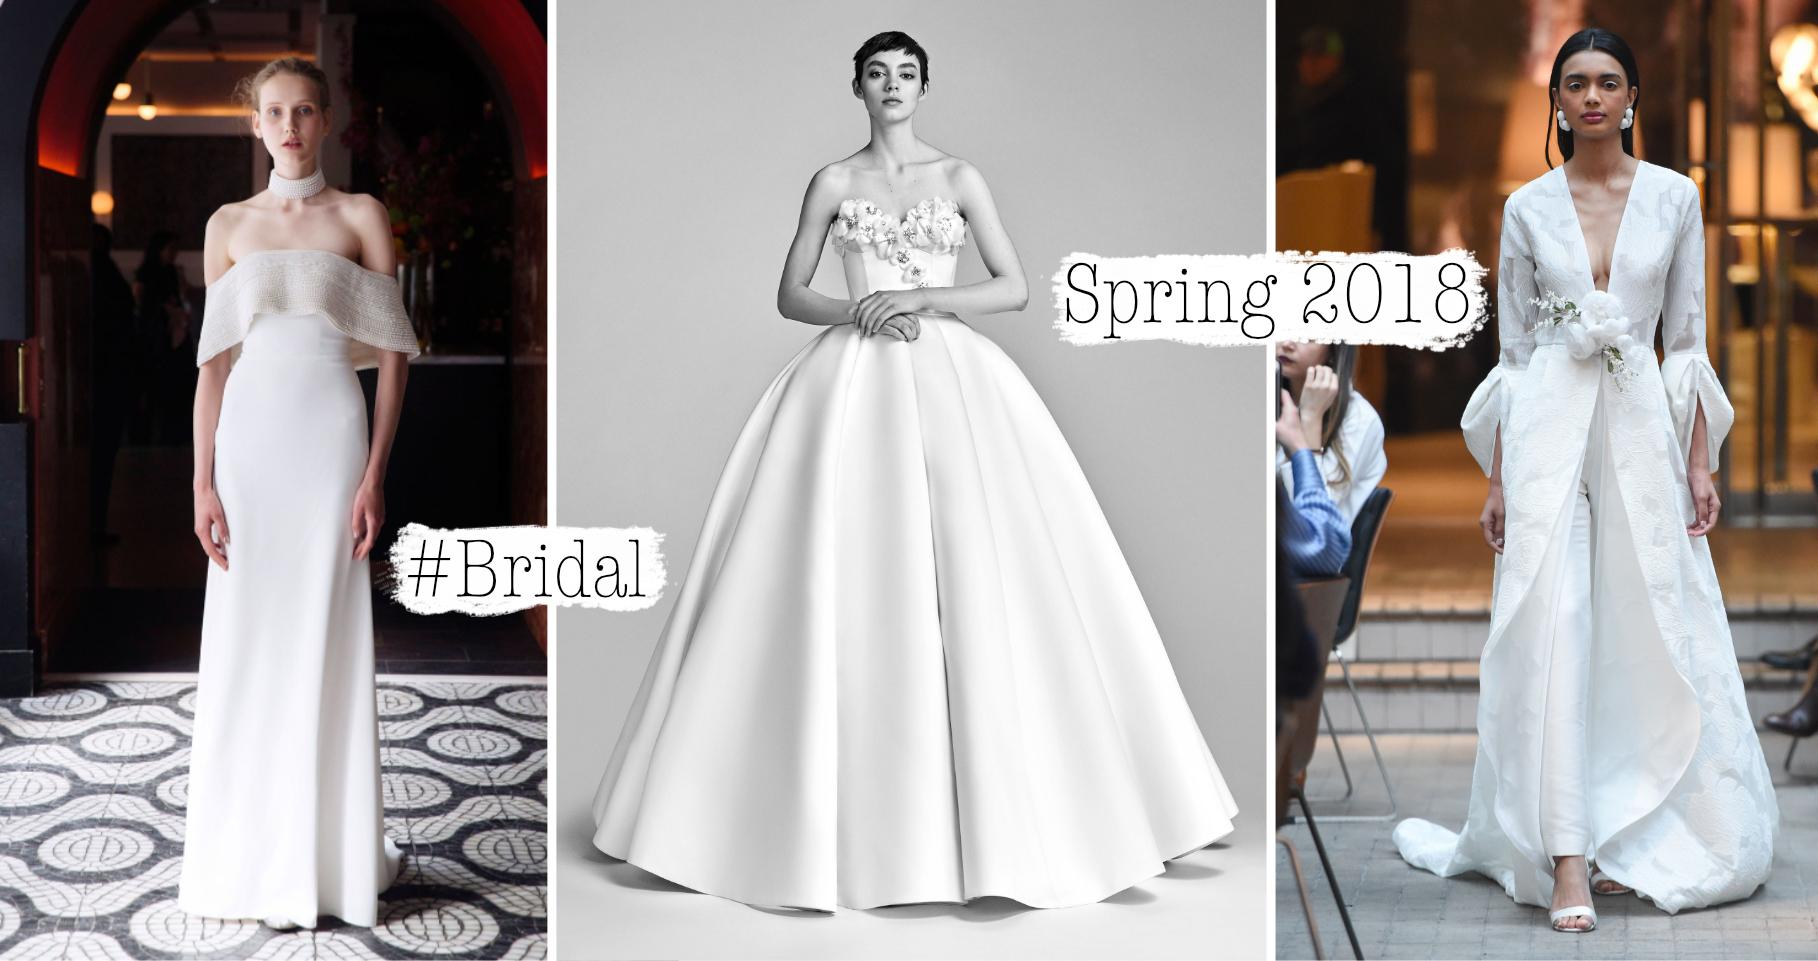 c985cc014823a Gli abiti da sposa alternativi hanno ormai sostituito quelli tradizionali.  Abbiamo raccolto per voi i migliori presentati alla New York Bridal week  per la ...